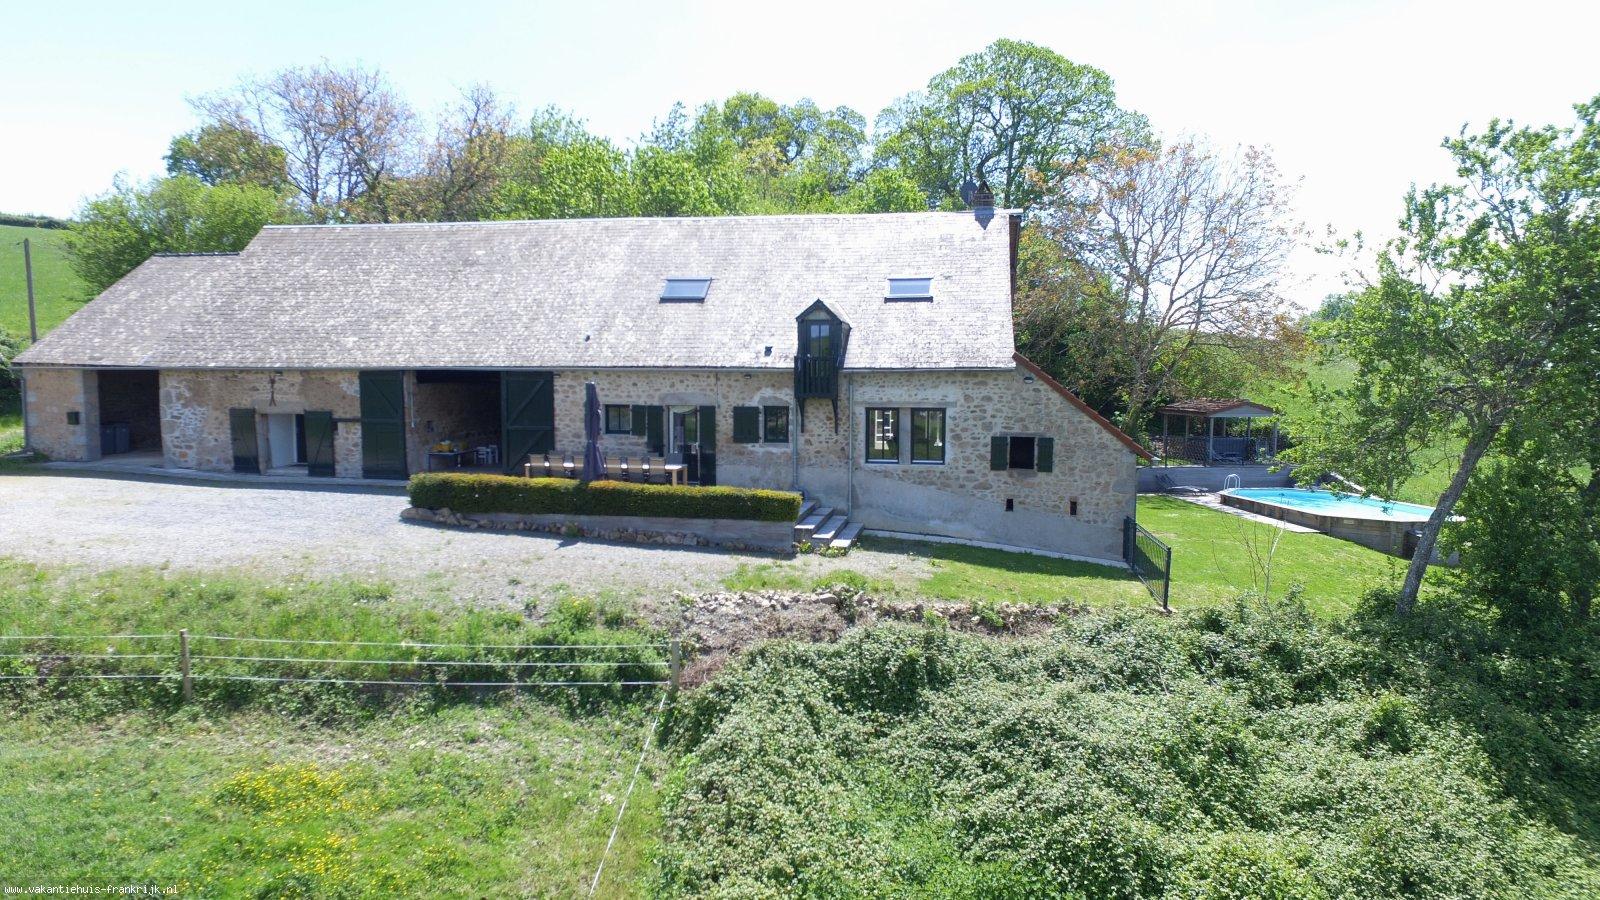 Vakantiehuis: Vakantieboerderij Lameloise is een groot kindvriendelijk vakantiehuis met prive zwembad, jacuzzi en sauna. Rustig gelegen in natuurpark de Morvan. te huur voor uw vakantie in Nievre (Frankrijk)